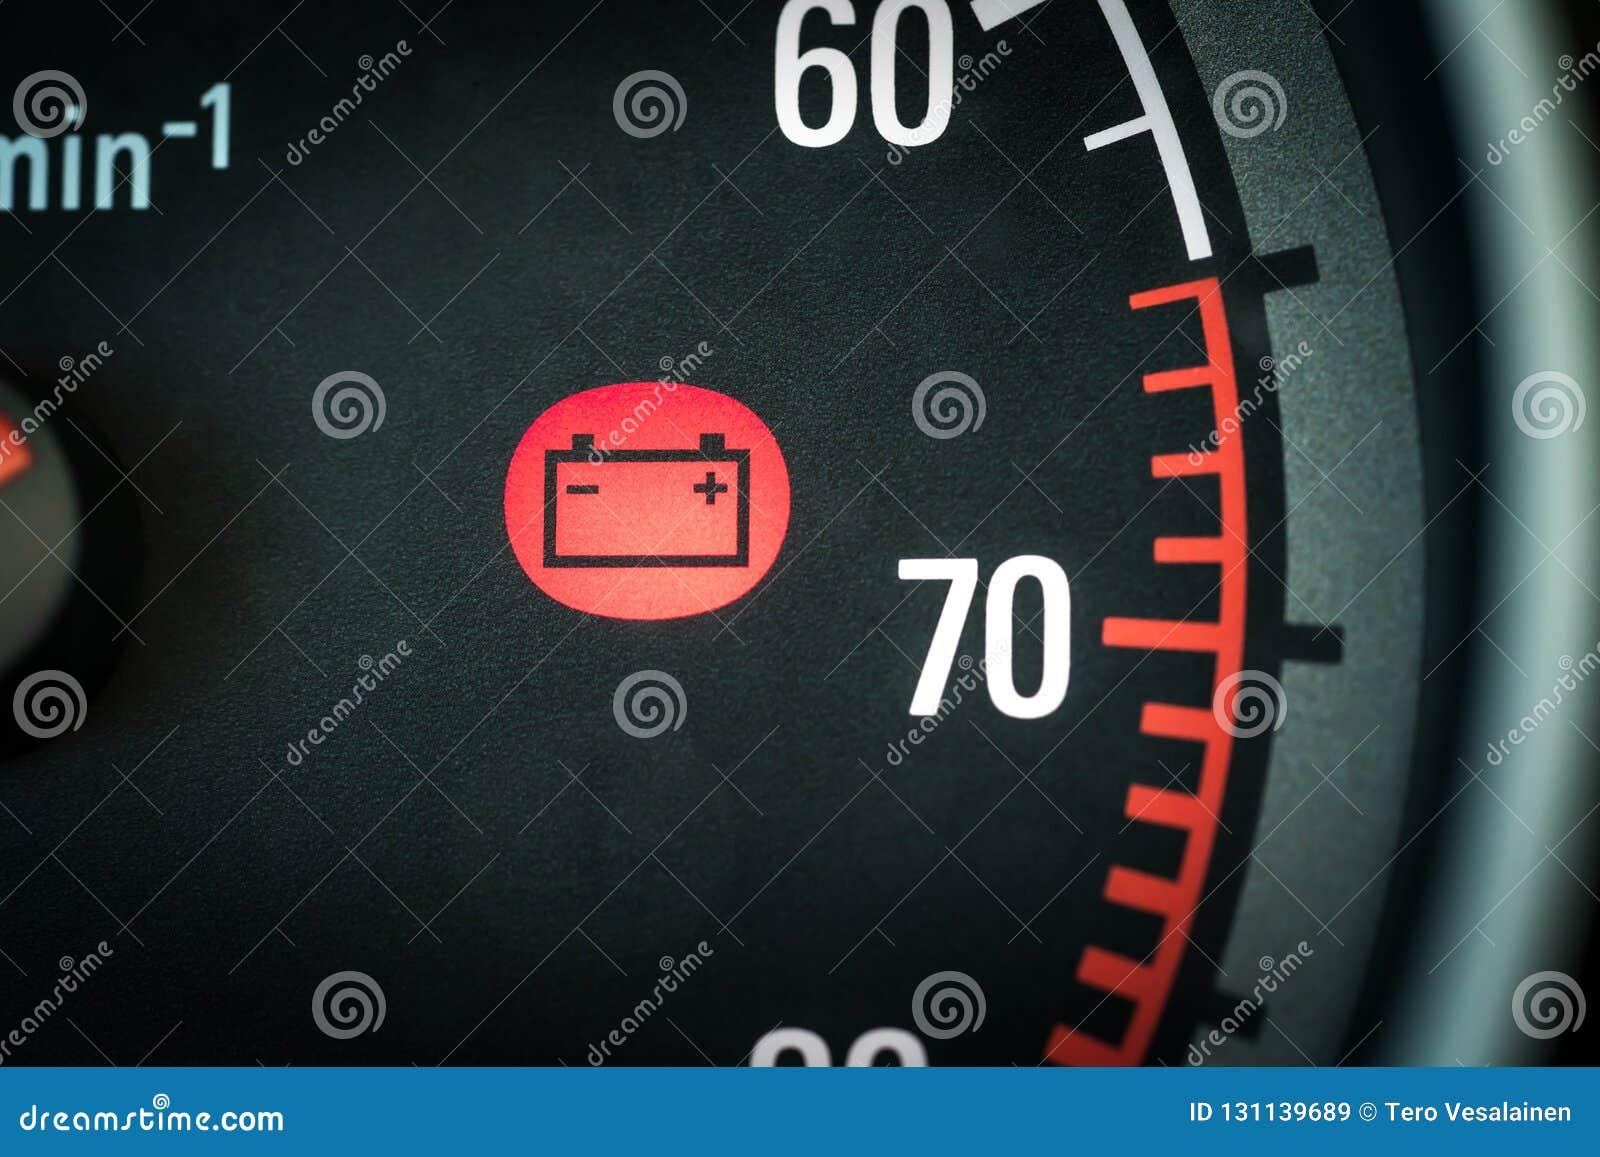 Luz de la batería de coche en la advertencia del tablero de instrumentos sobre problemas El panel del vehículo con el icono y el